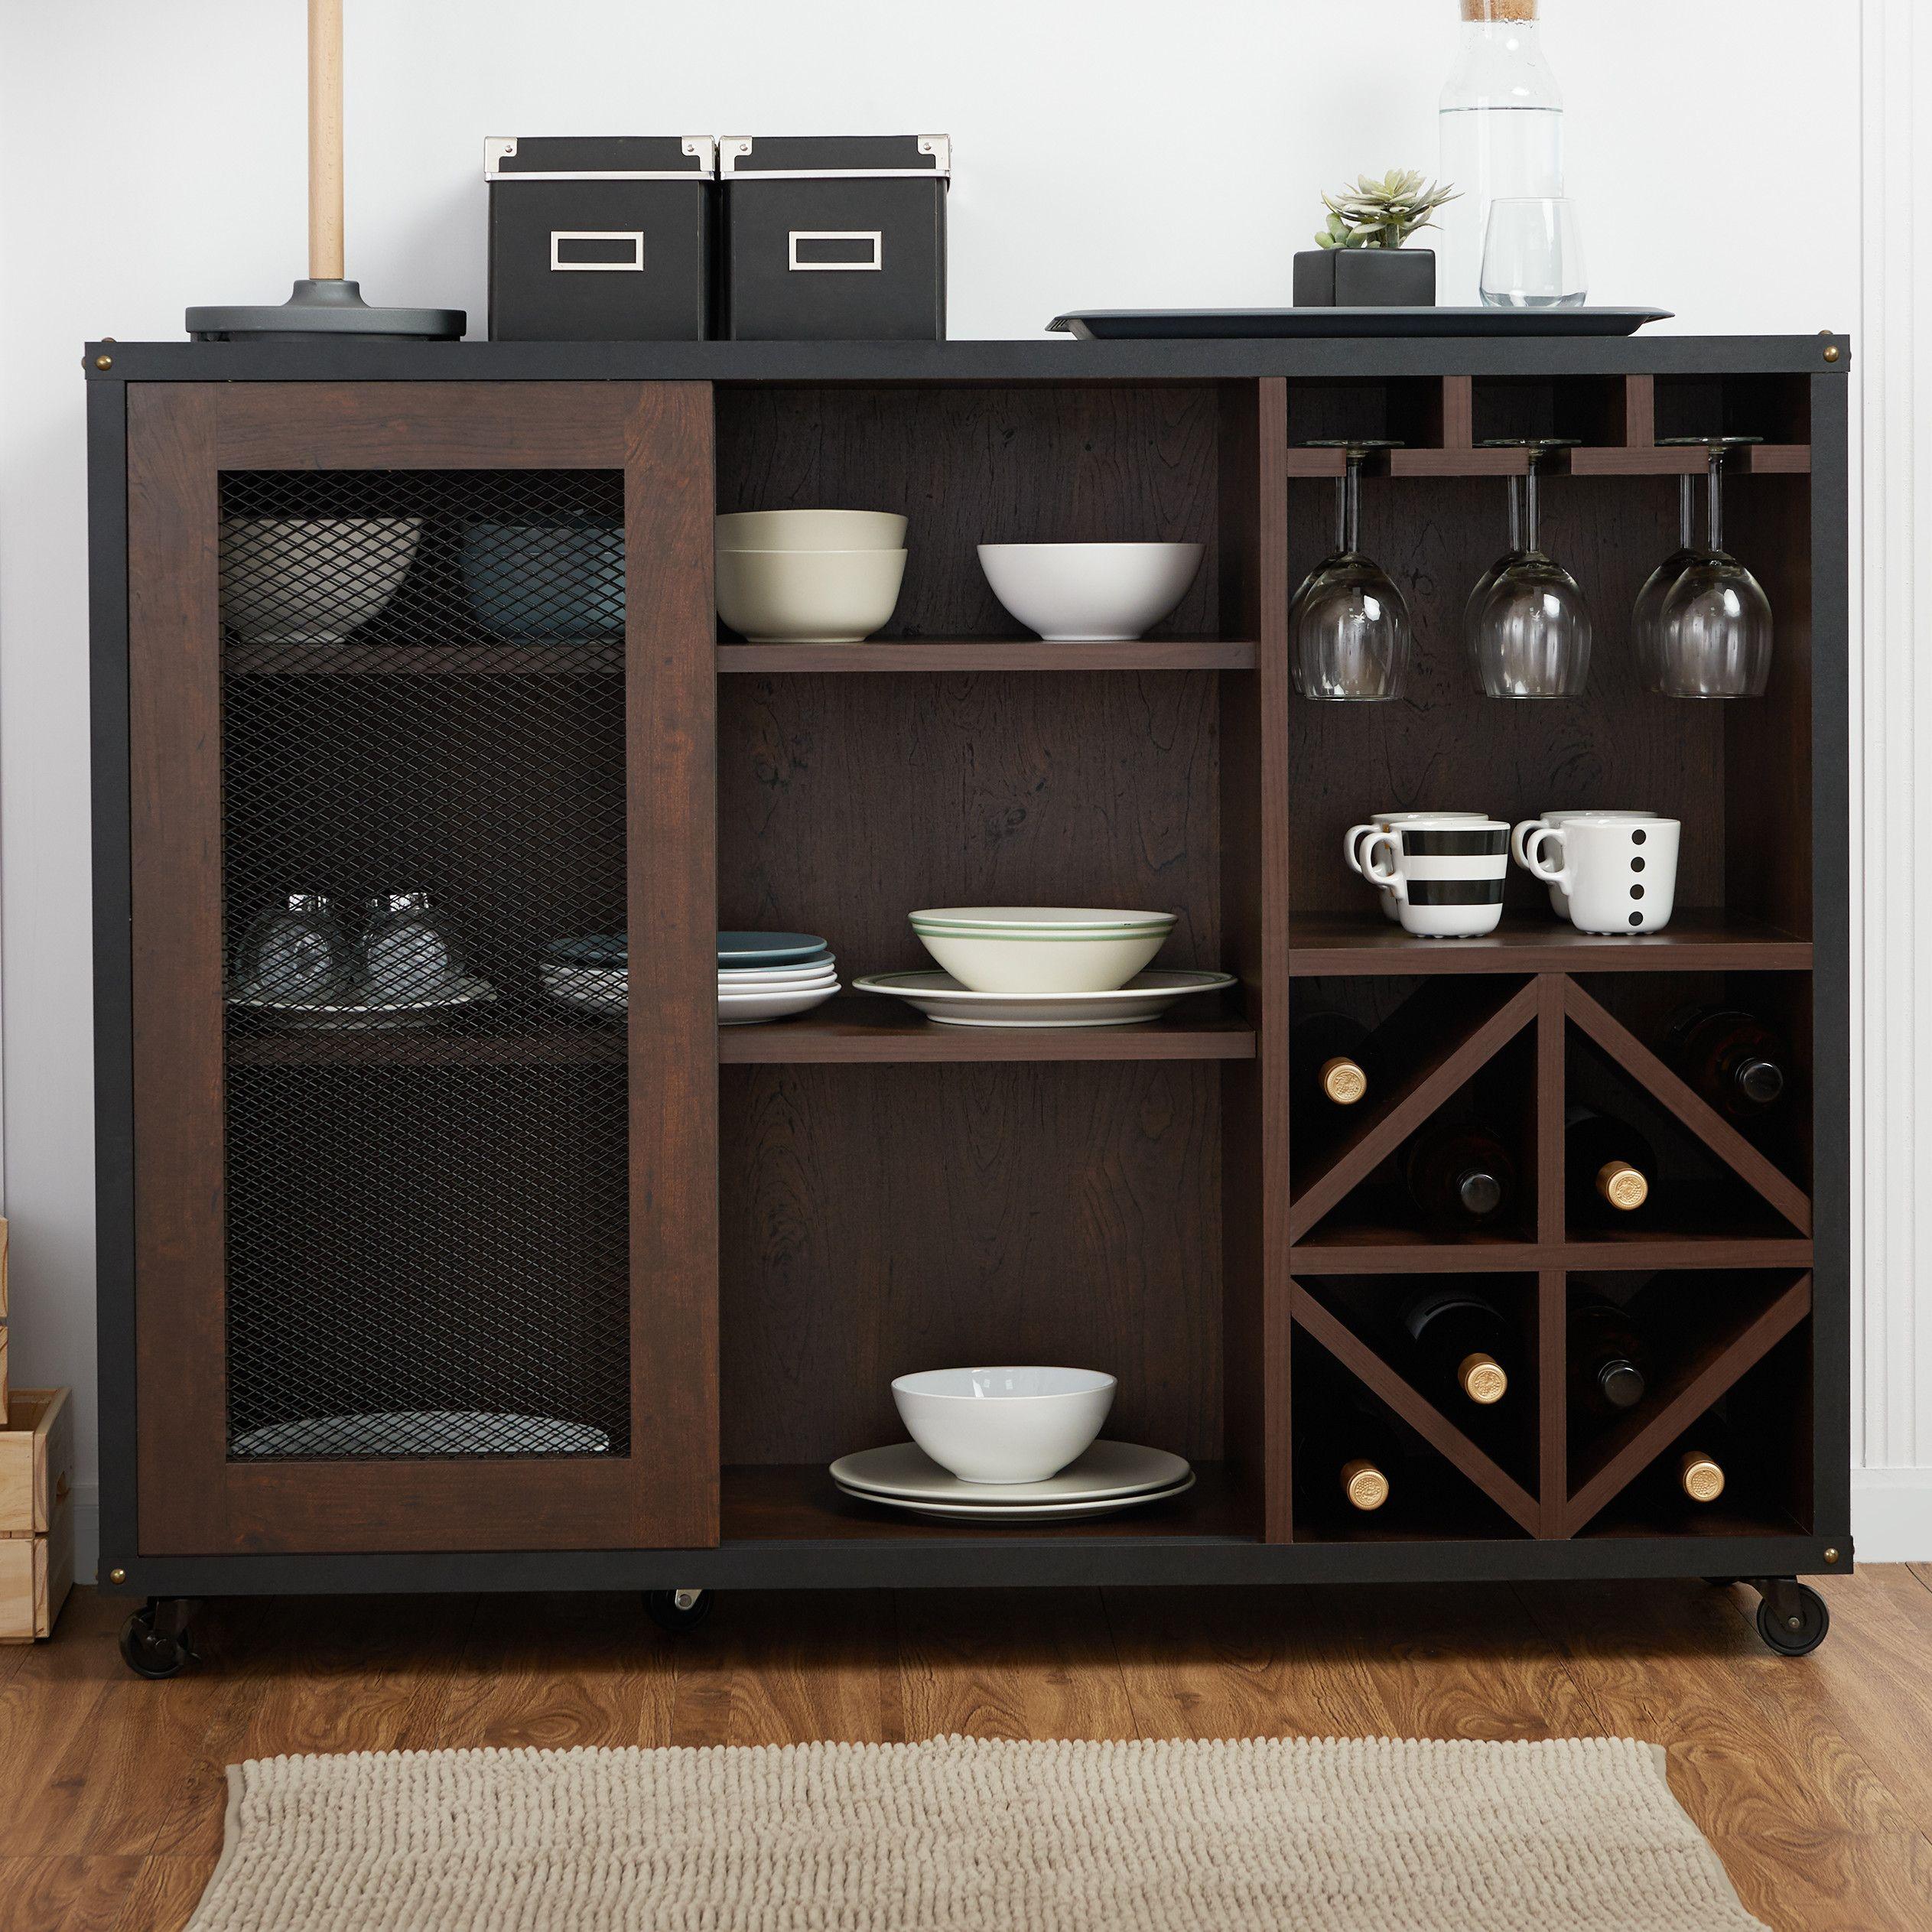 Muebles Buffet Para Comedor ~ Obtenga ideas Diseño de muebles para ...